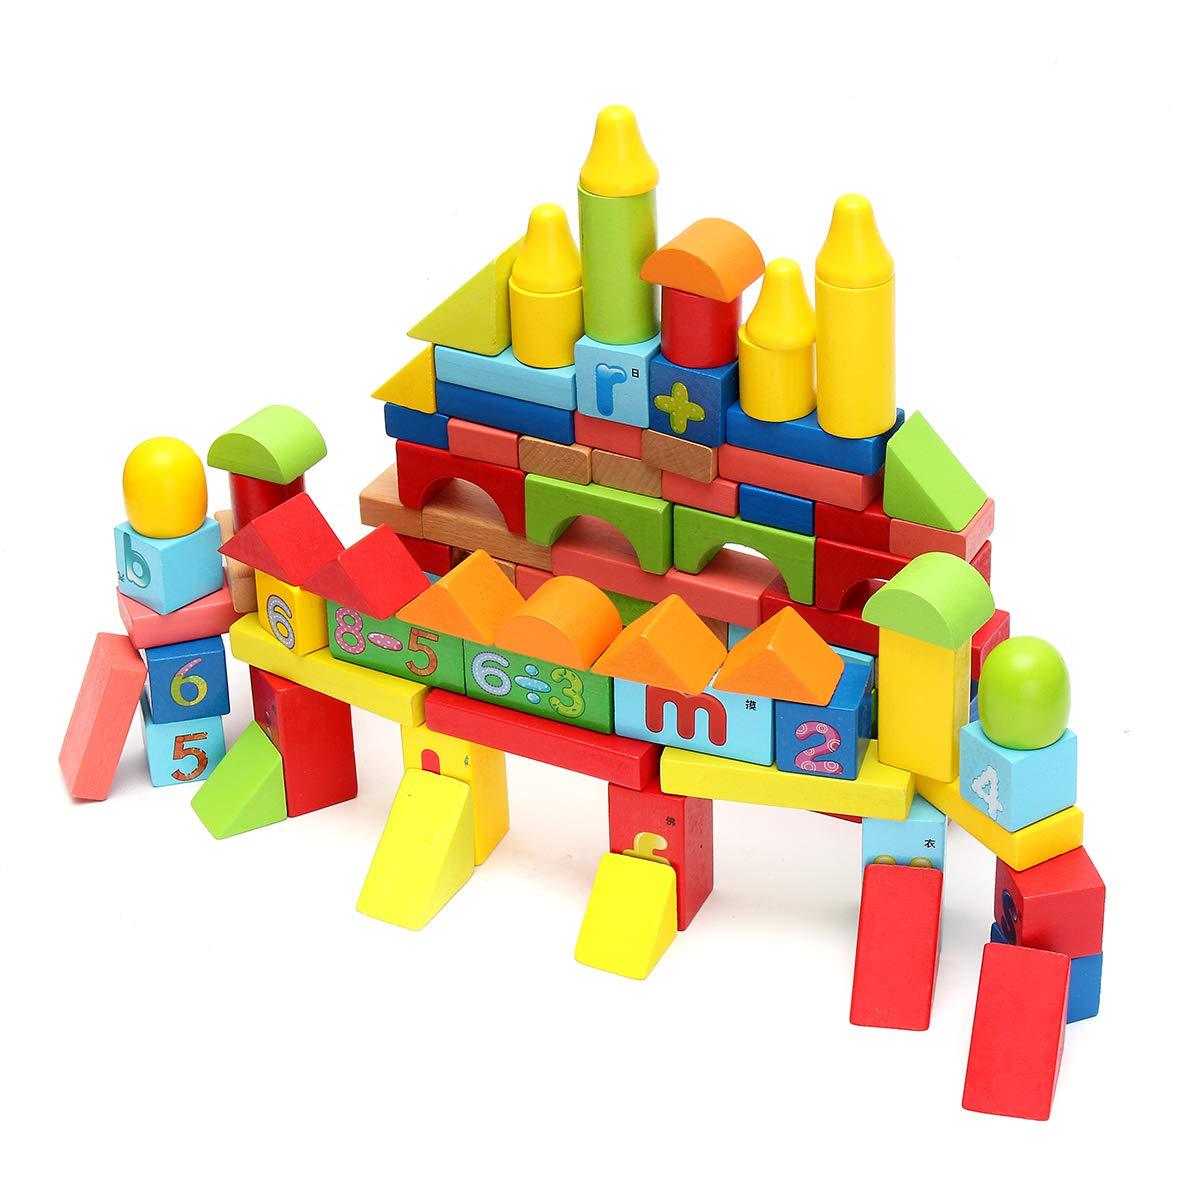 KING DO WAY 100 Bunte Bauklötze Kinder Spiellzeug Holz Bausteine Holzspielzeug, Lernspielzeug für Kleinkind Kinde, Kreatives Puzzle-Spielzeug KING DO WAY Co. LTD